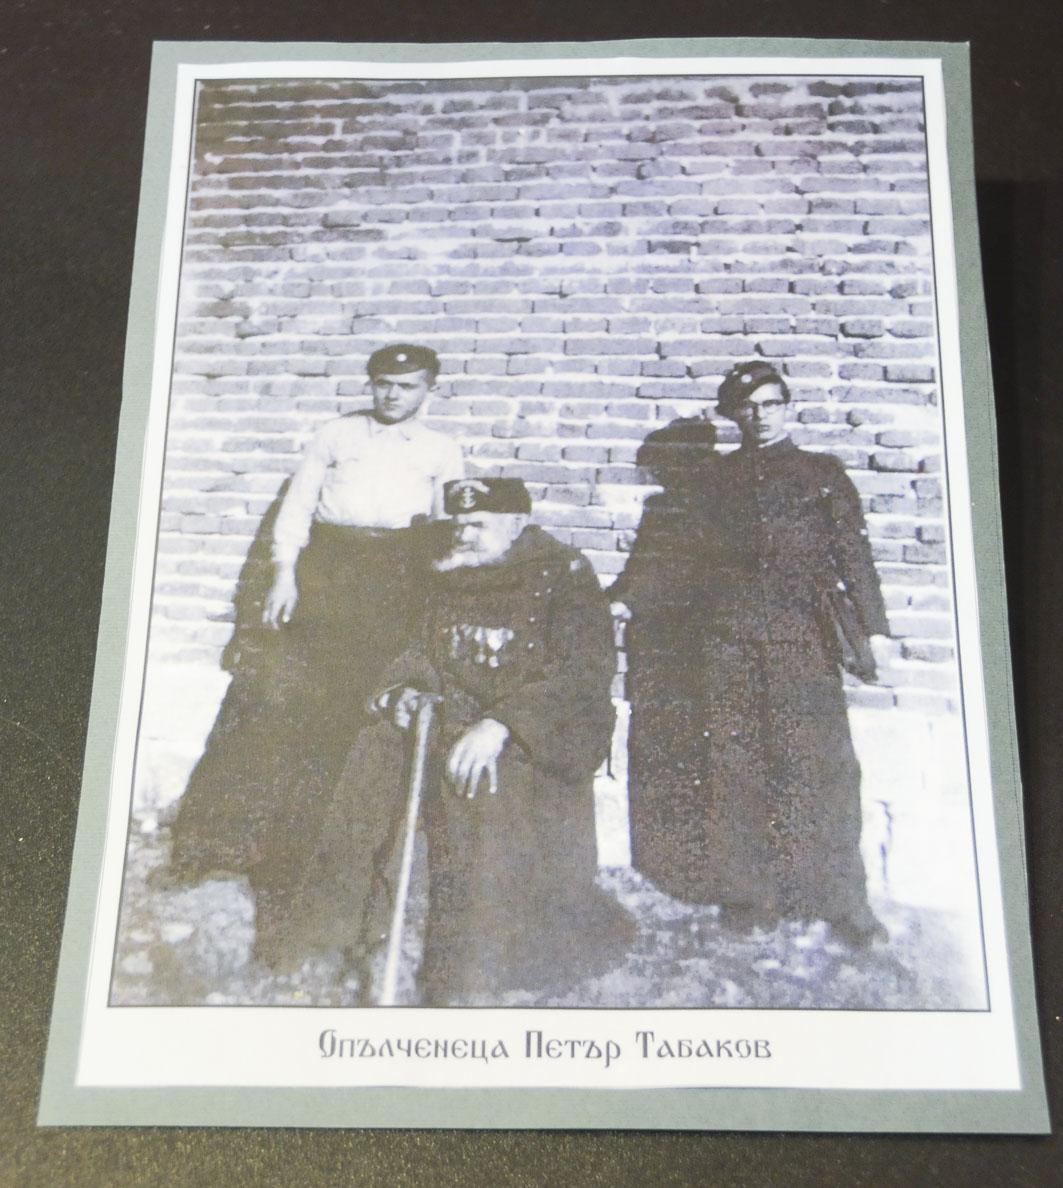 troyan-museum-osvobozhdenieto-3ti-mart-11